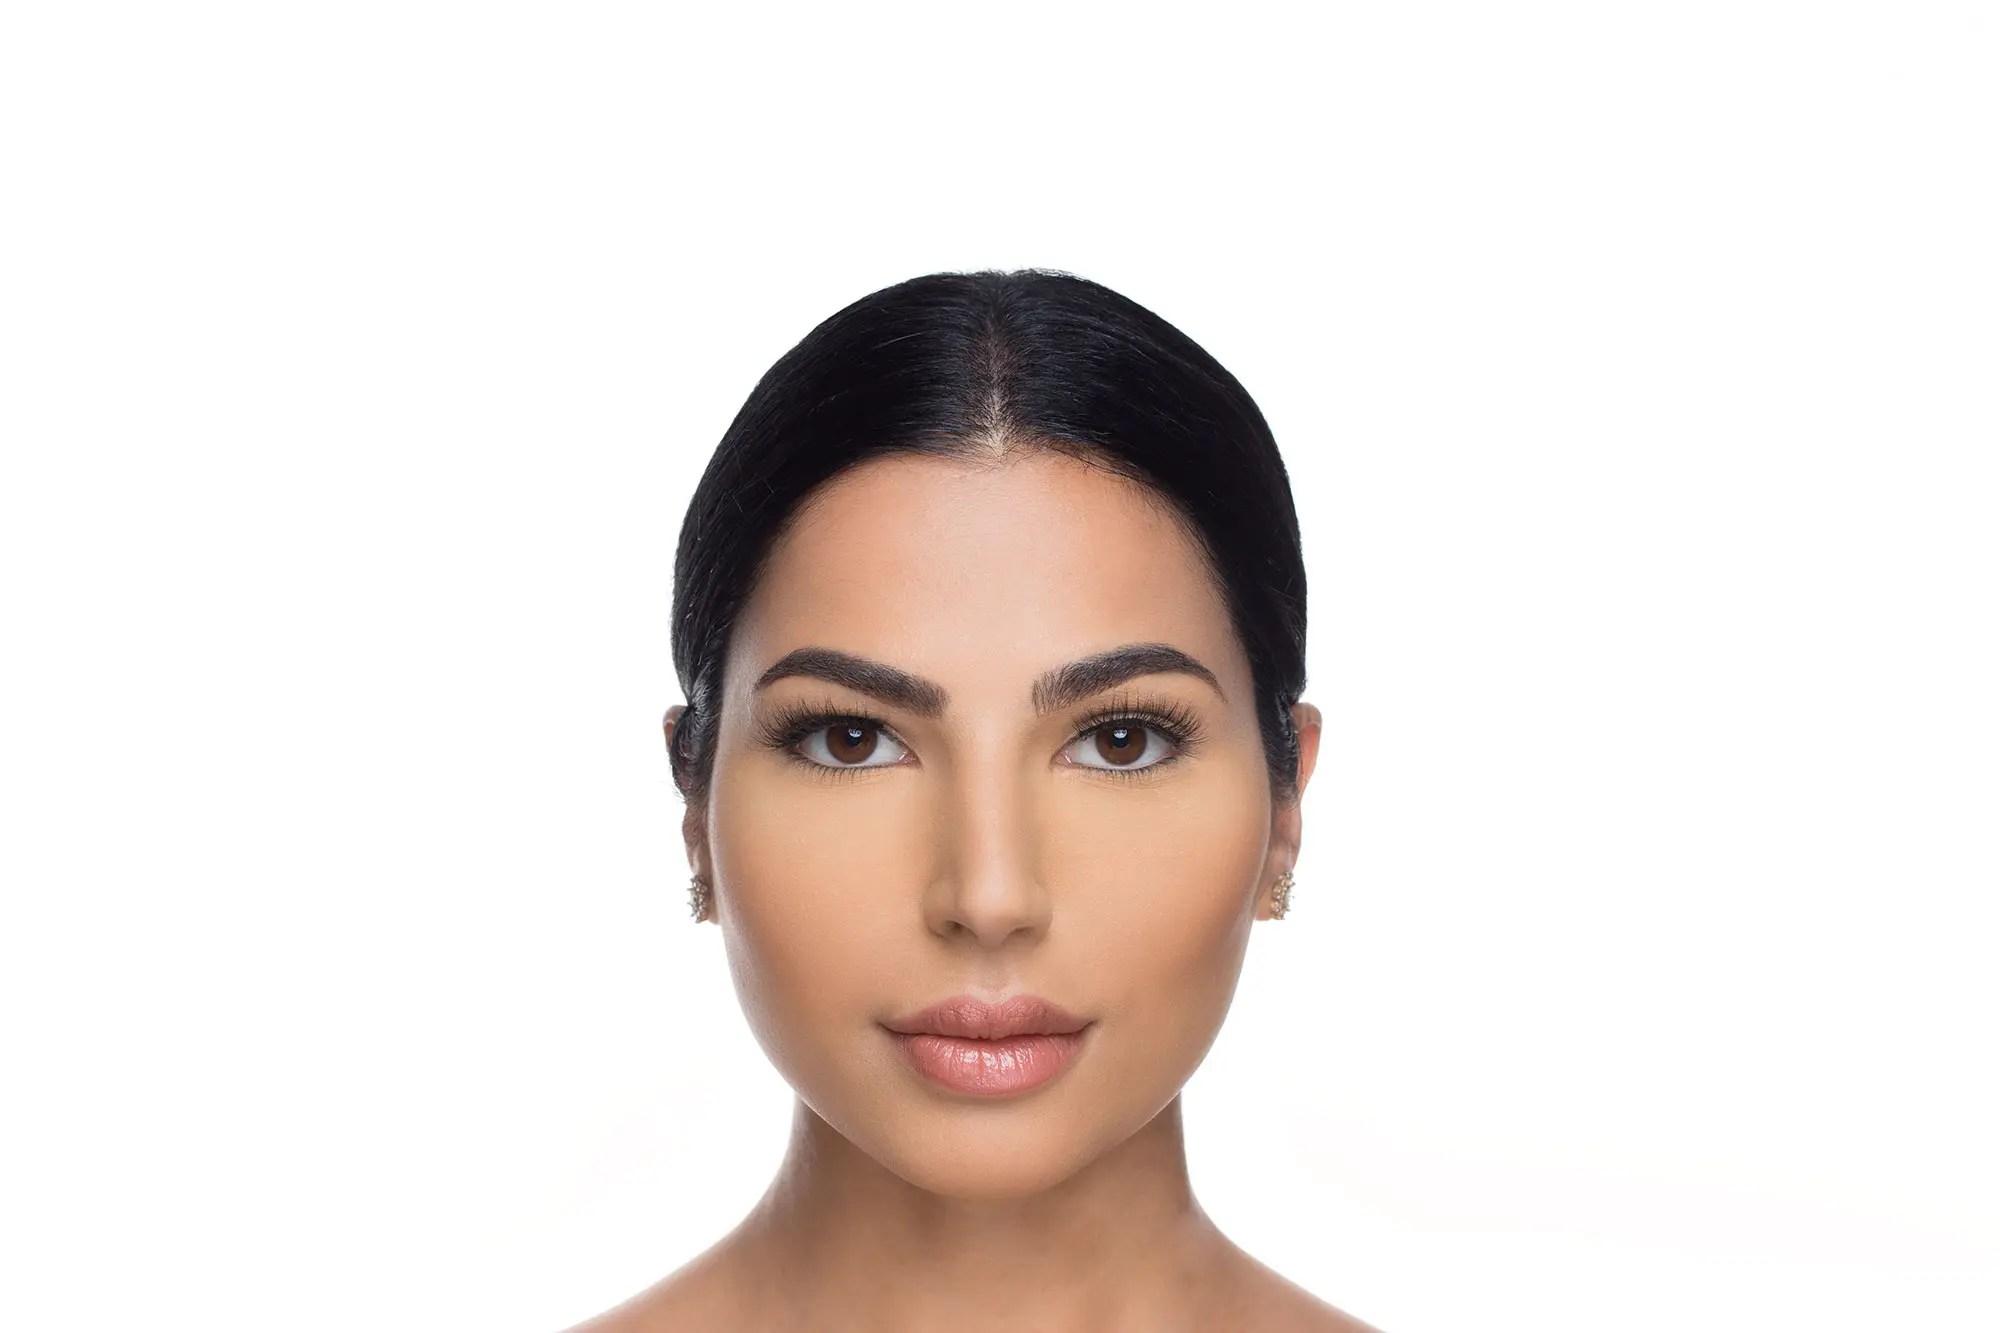 Ella Mink Lashes, close up of ladies face wearing false eyelashes